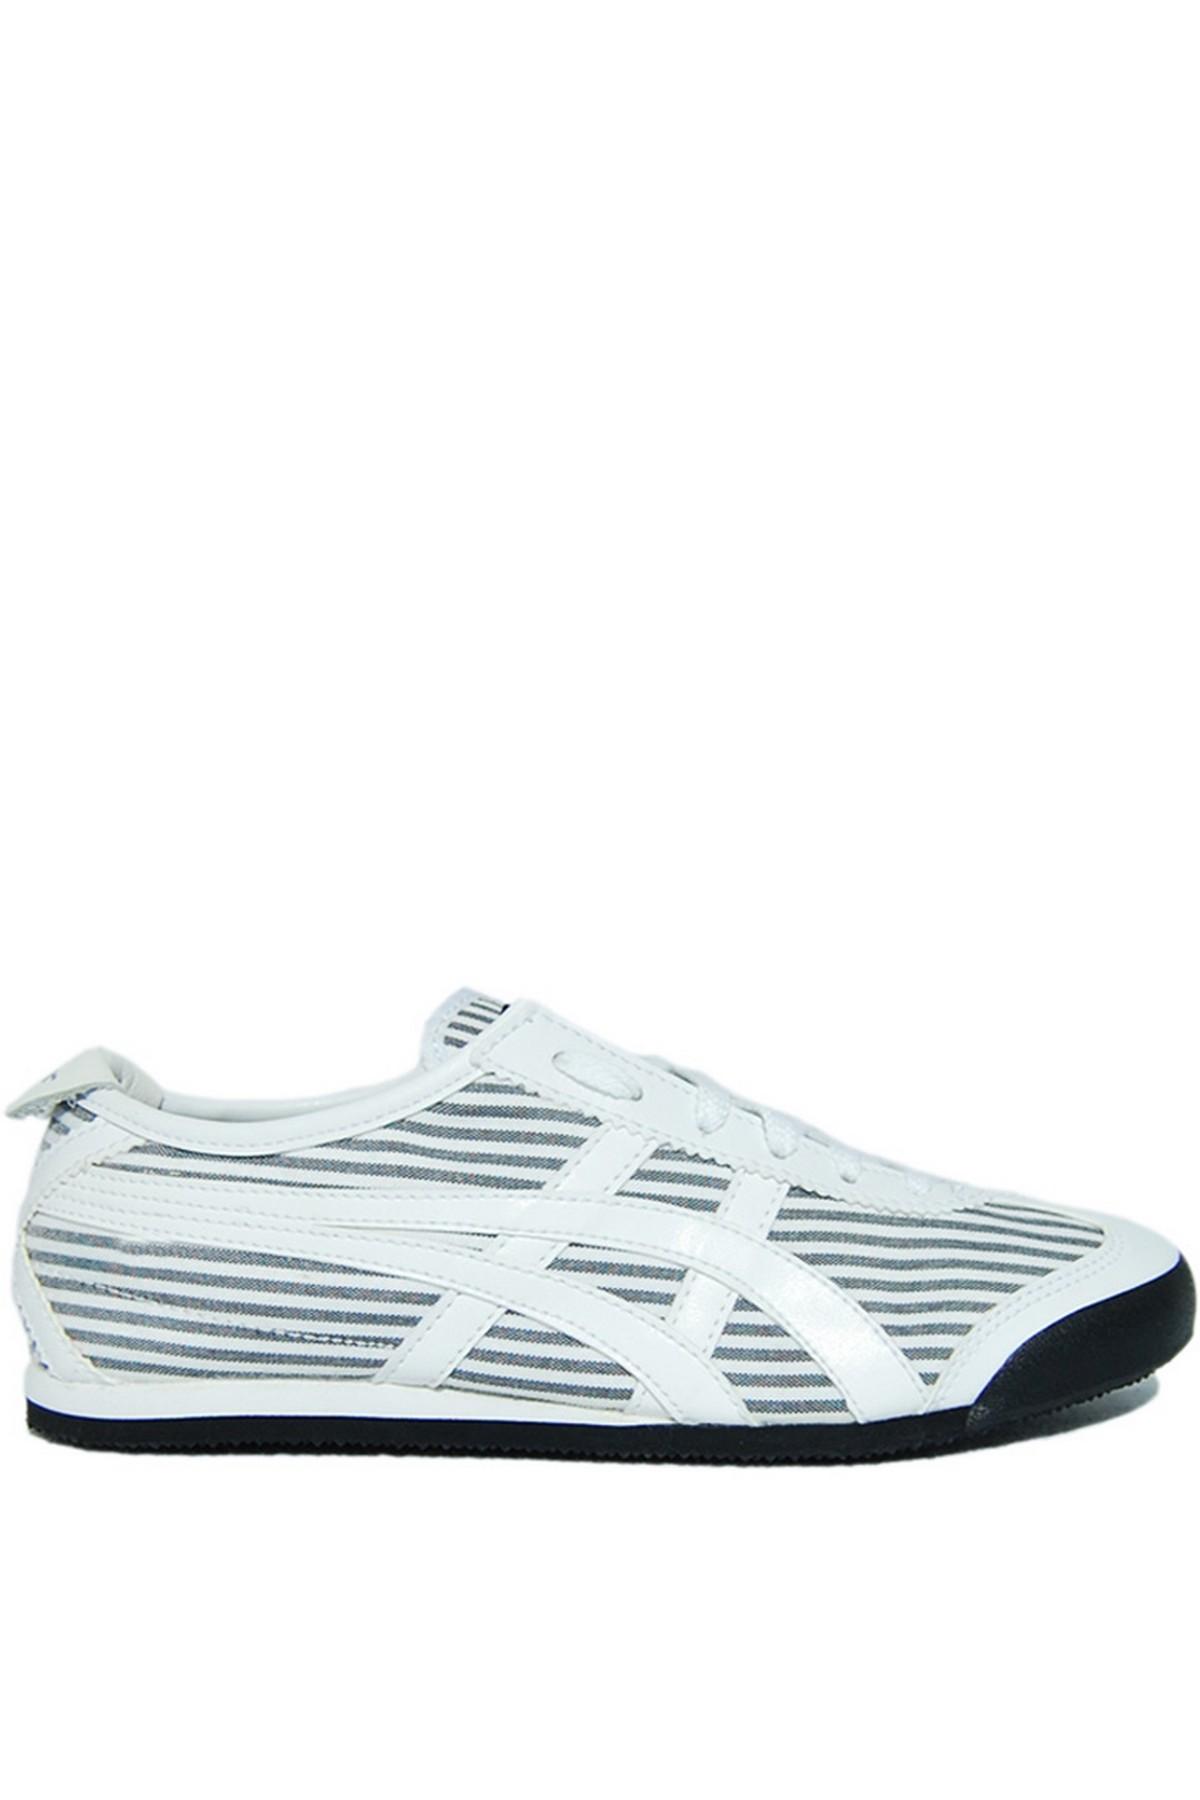 Onitsuka Tiger Mexico 66 Kadın Spor Ayakkabı (D189N-9001)